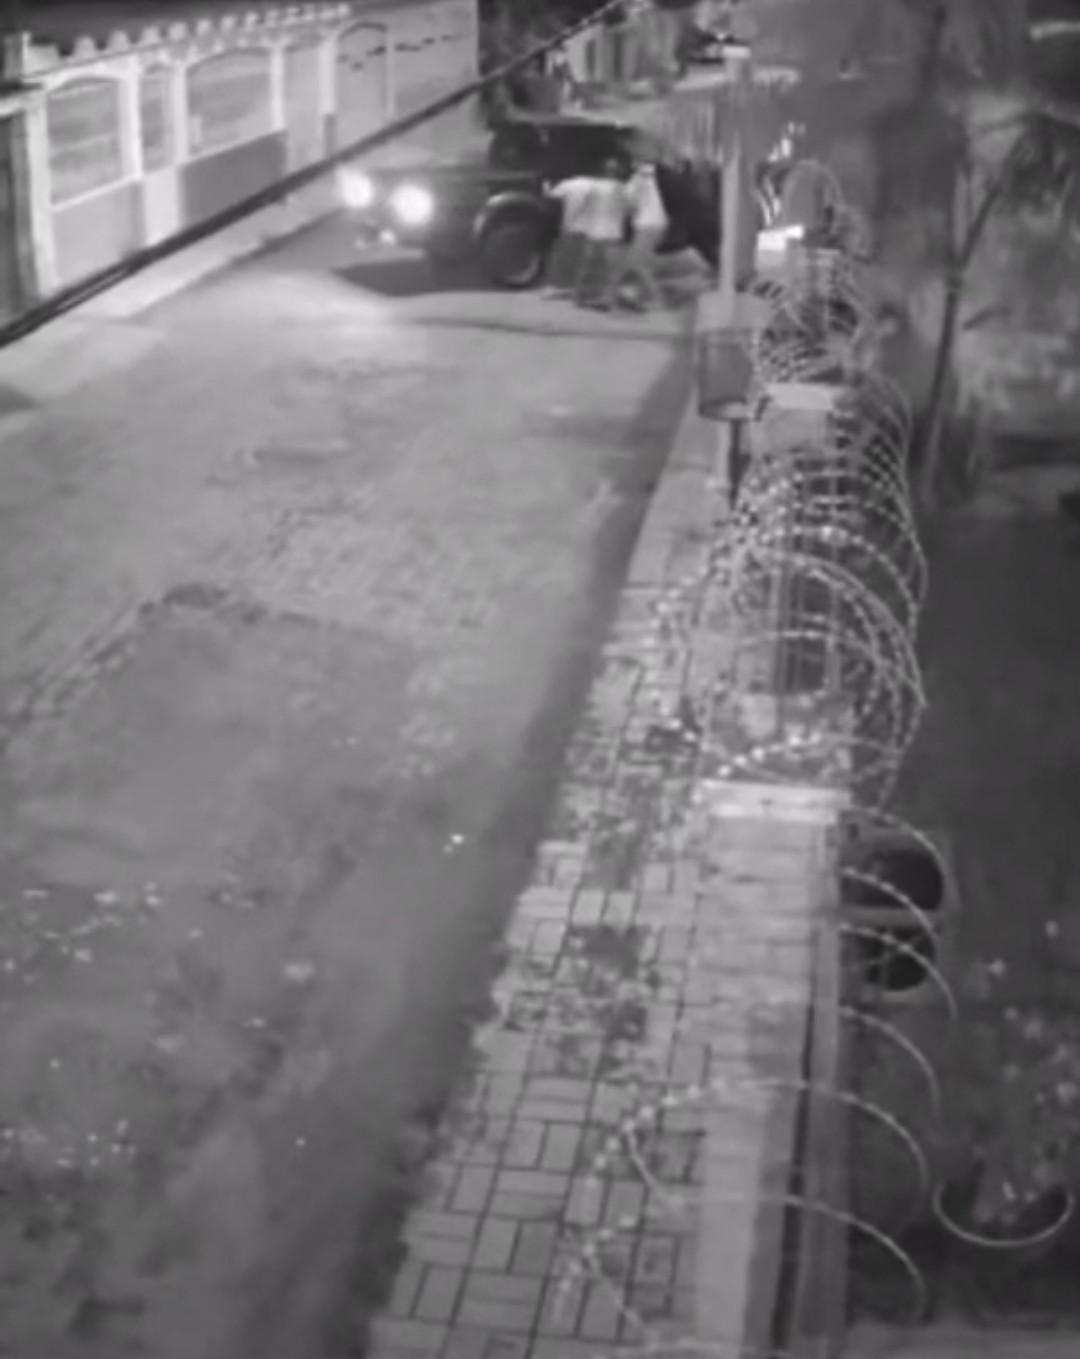 Motorista é feito refém durante assalto em Rio Branco; ação foi flagrada por câmeras de segurança